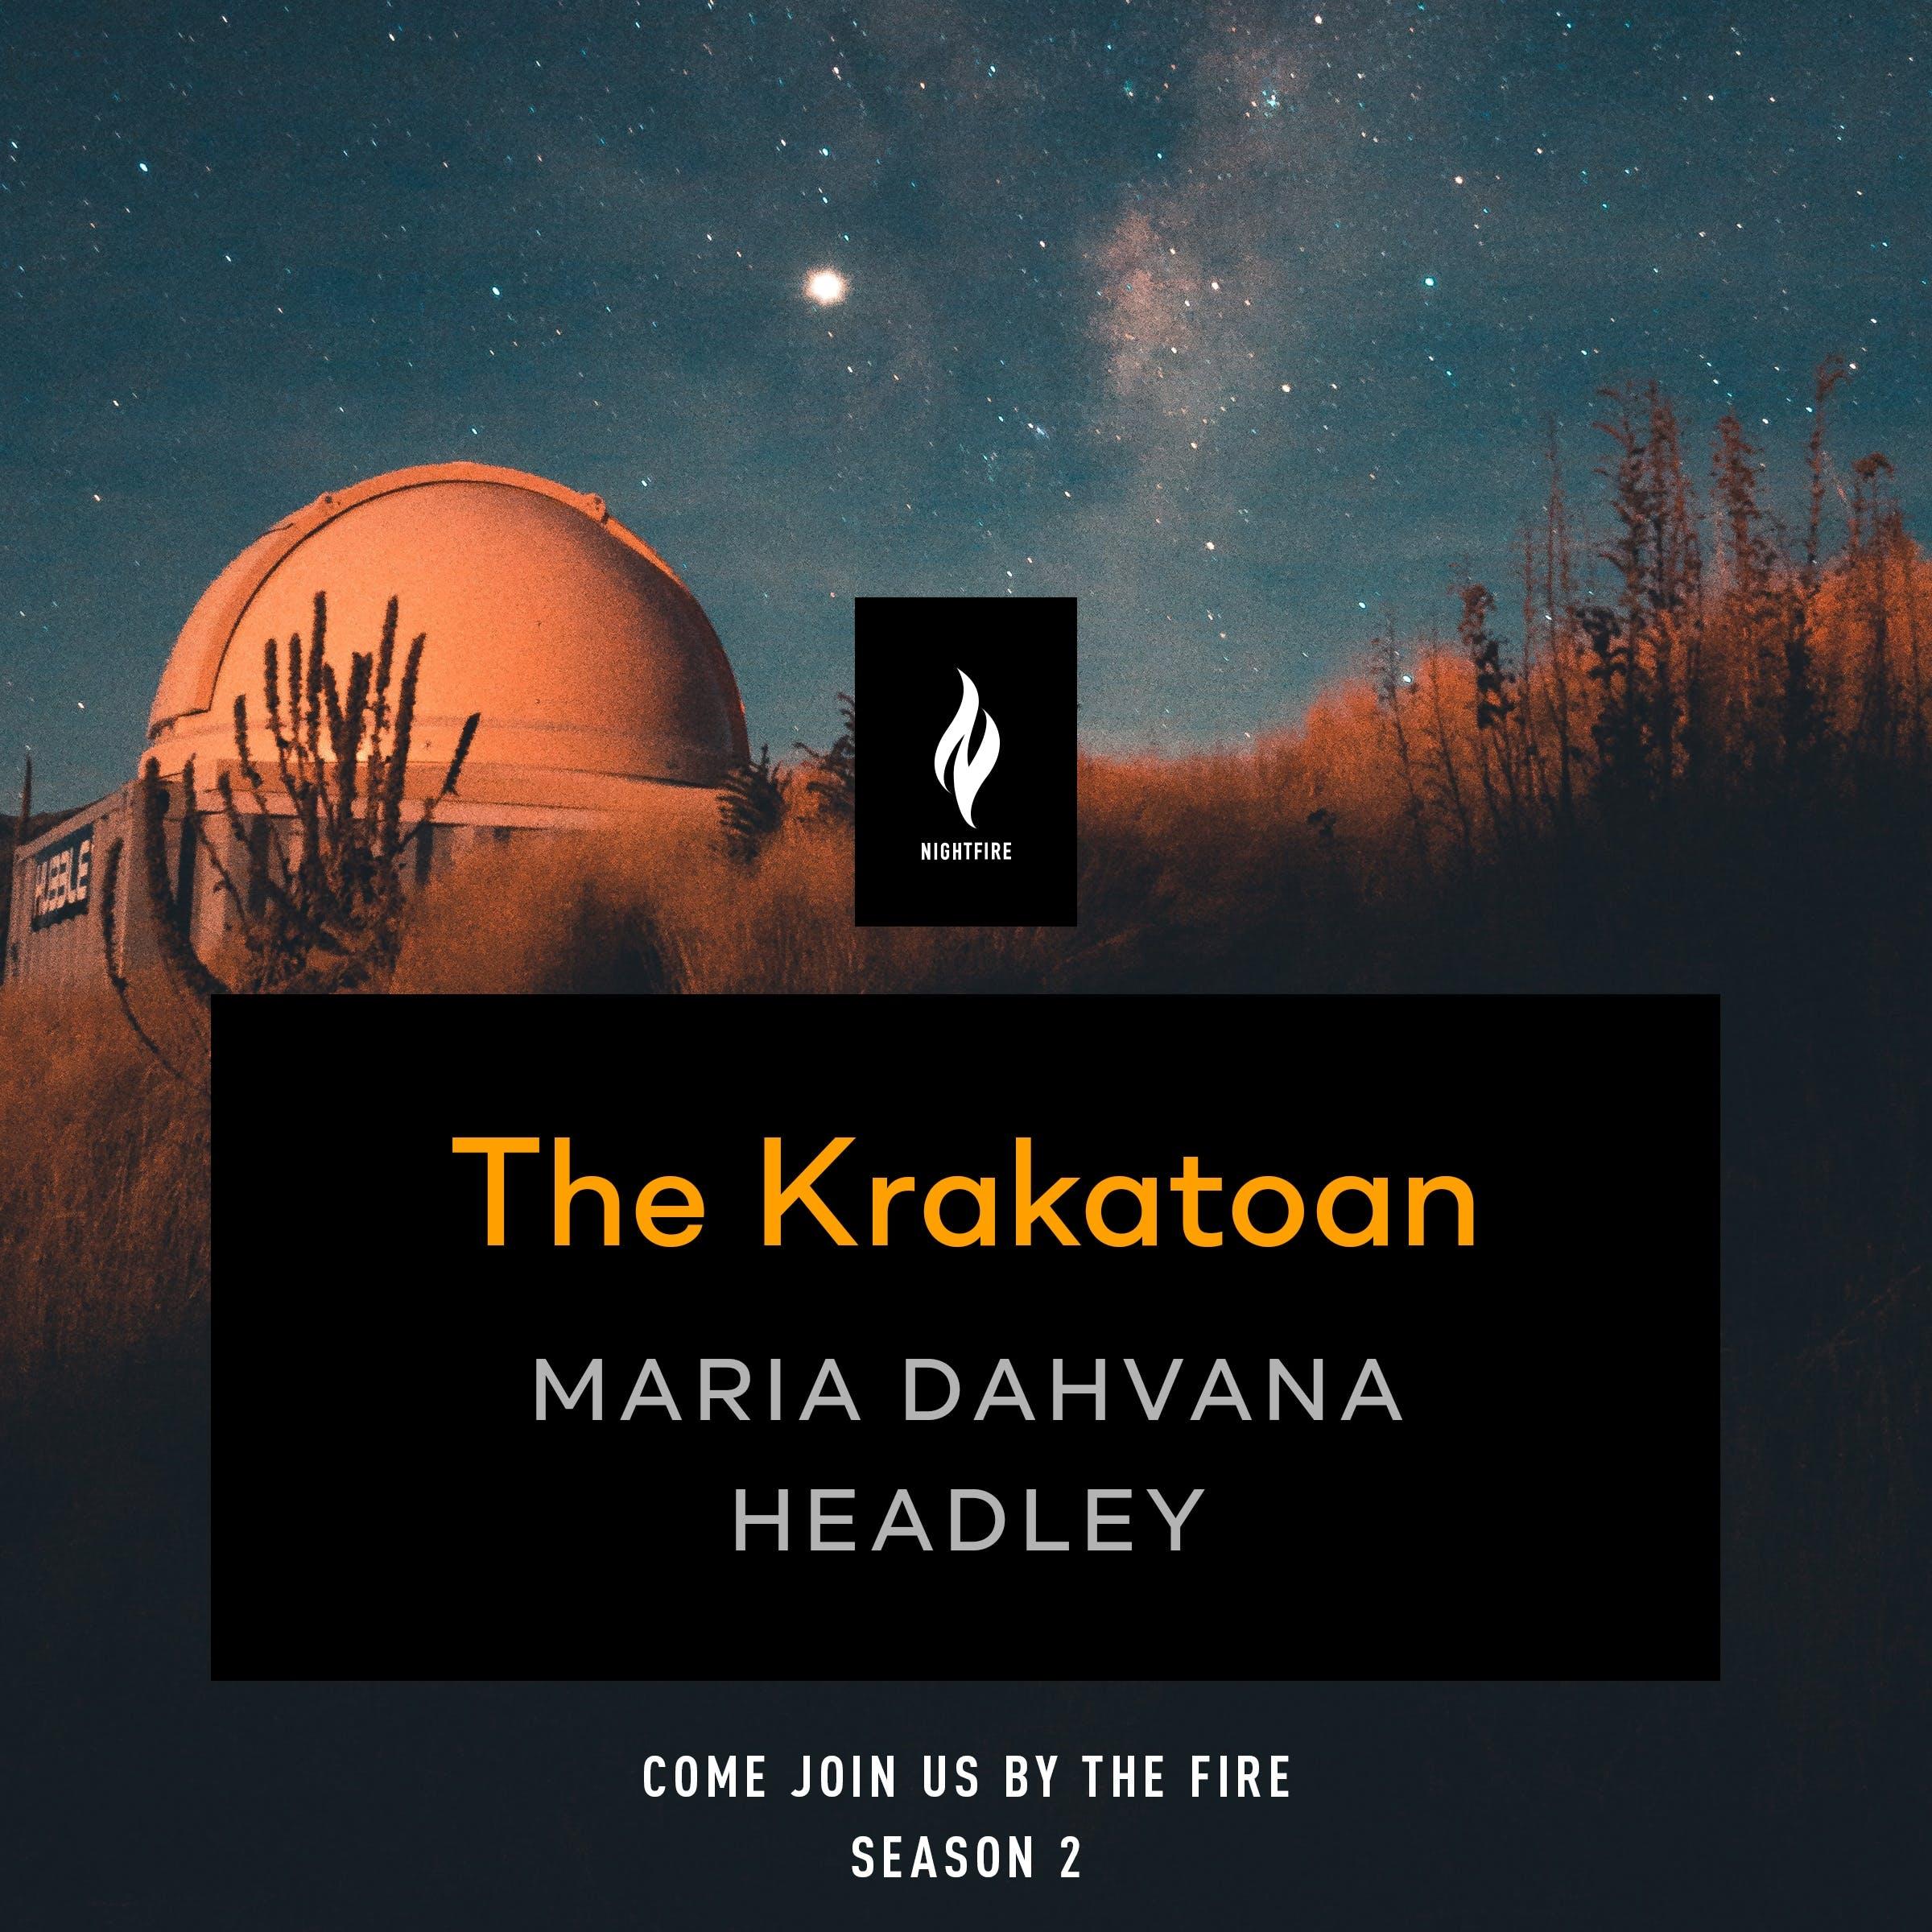 Image of The Krakatoan